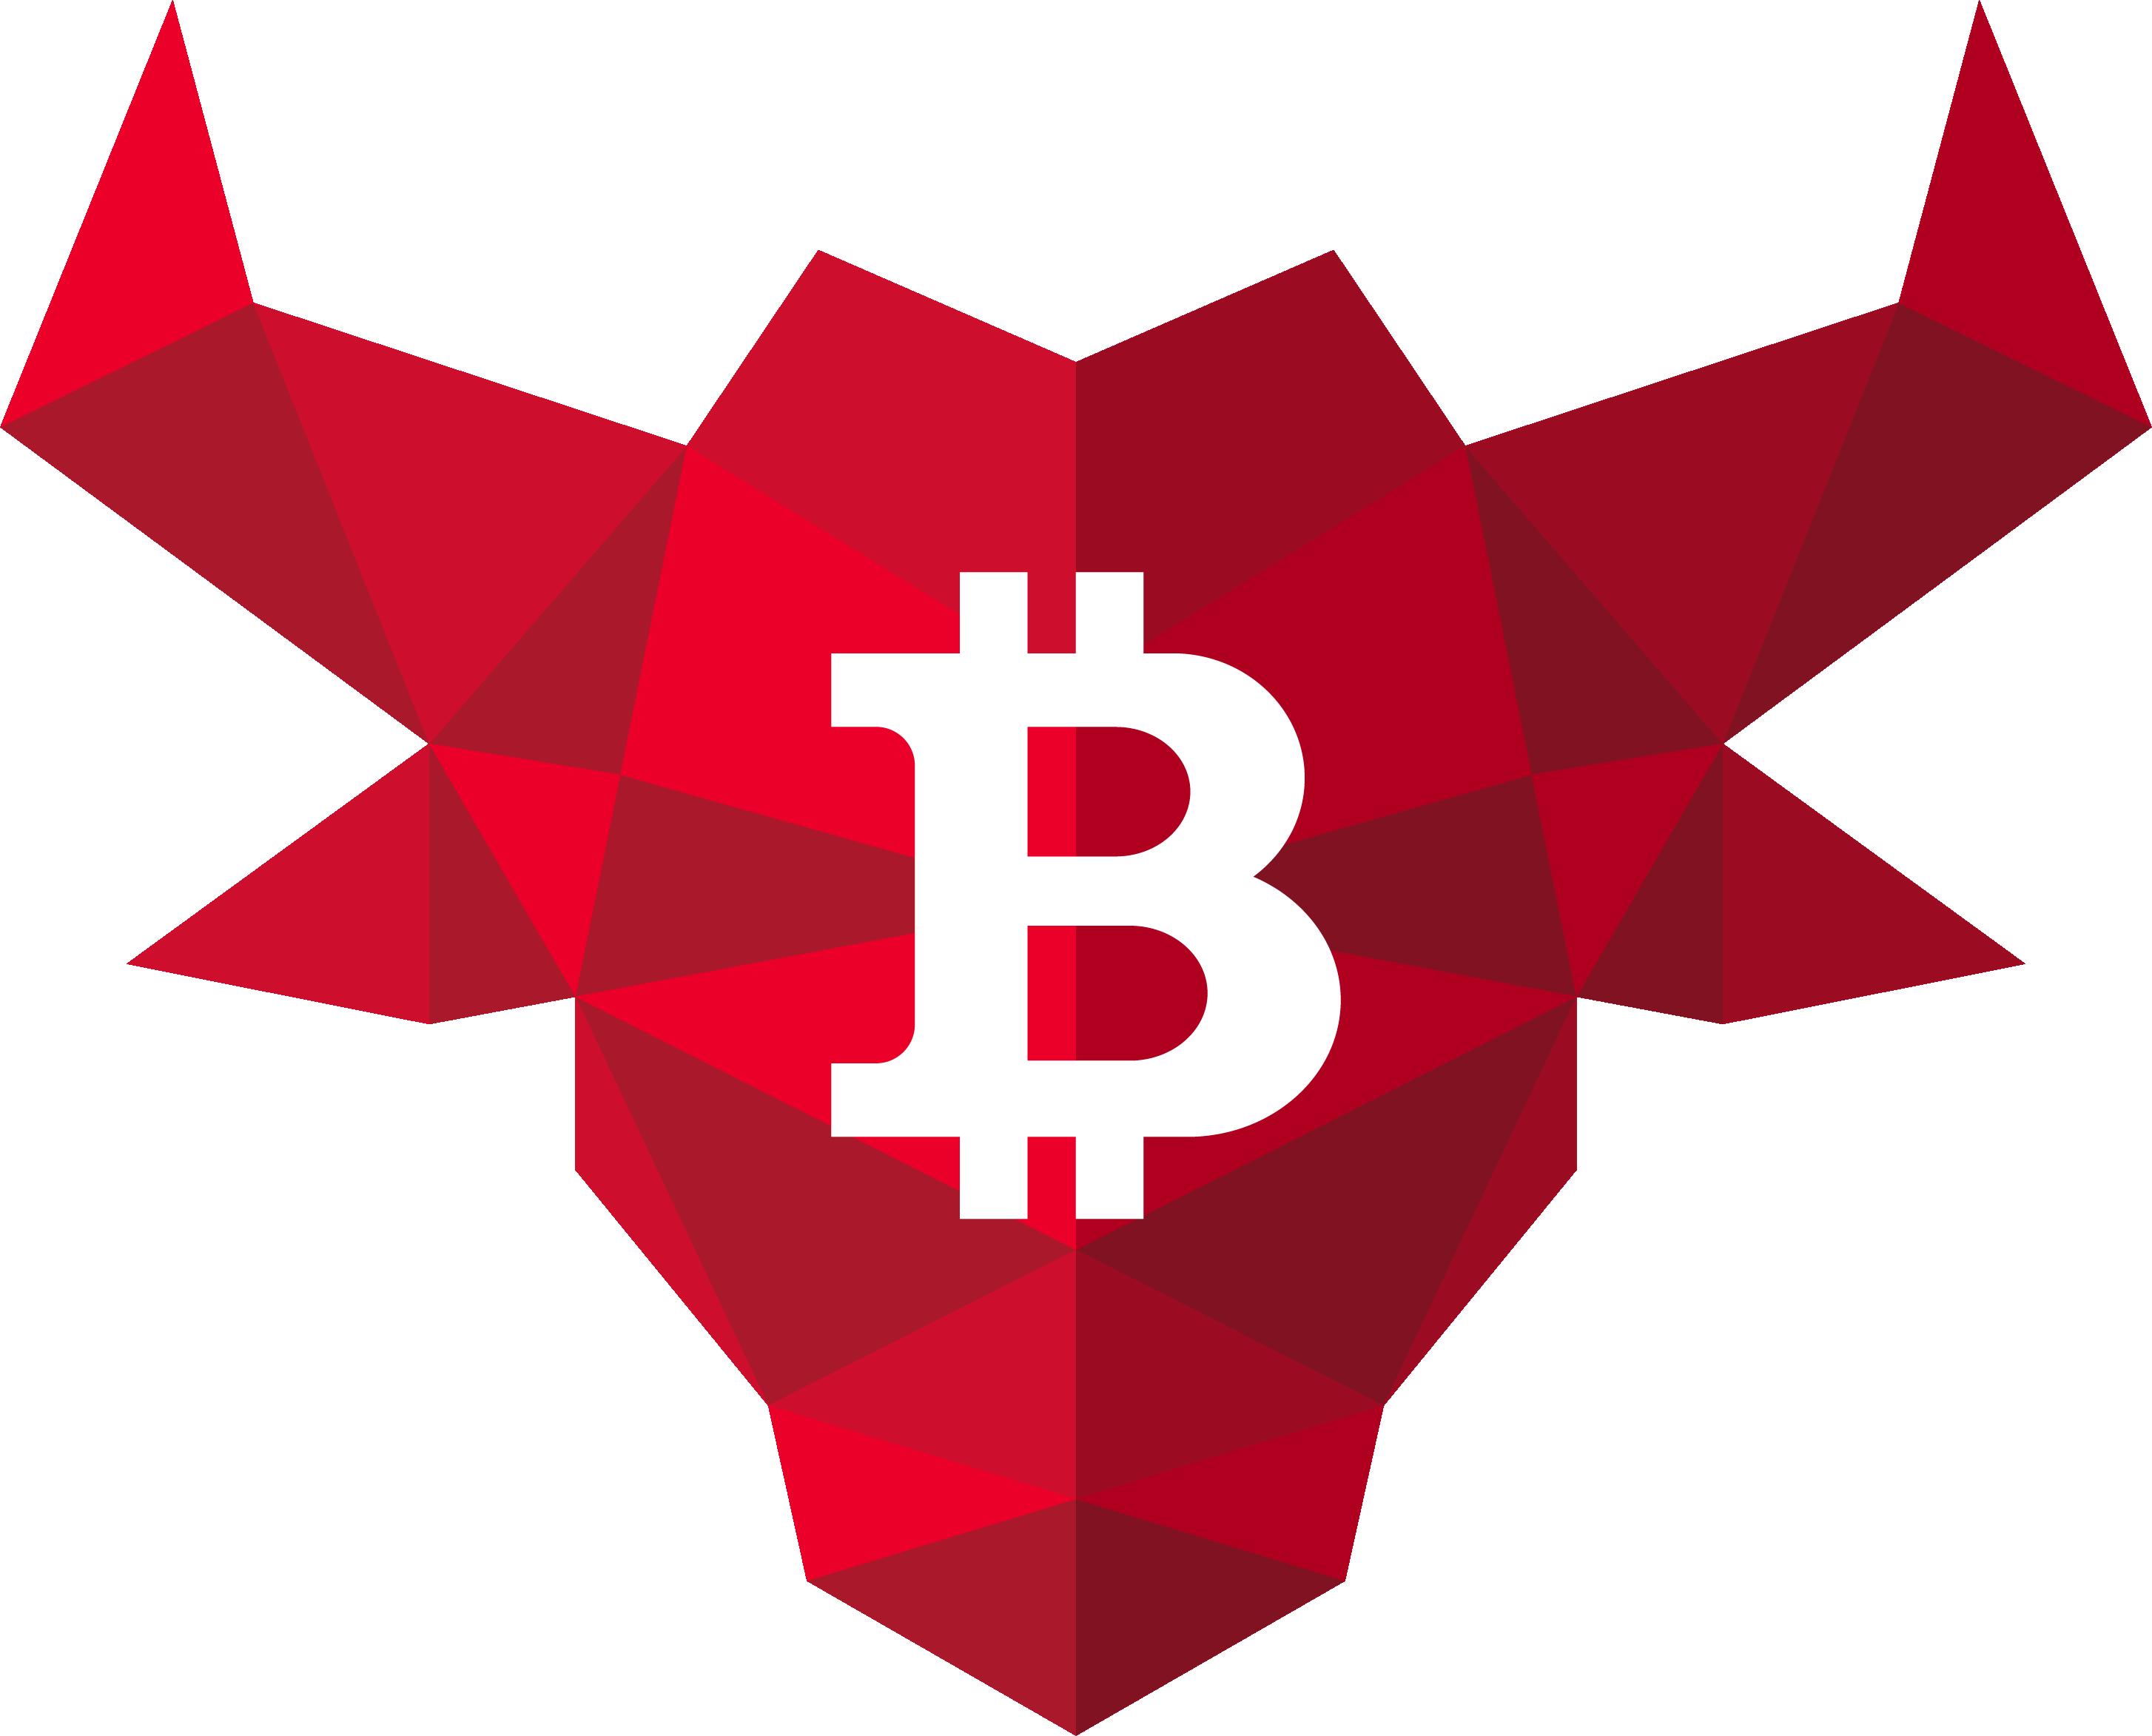 Klvk - geriausia bitkoino platofrm bitcoin paprastas prekybos botas